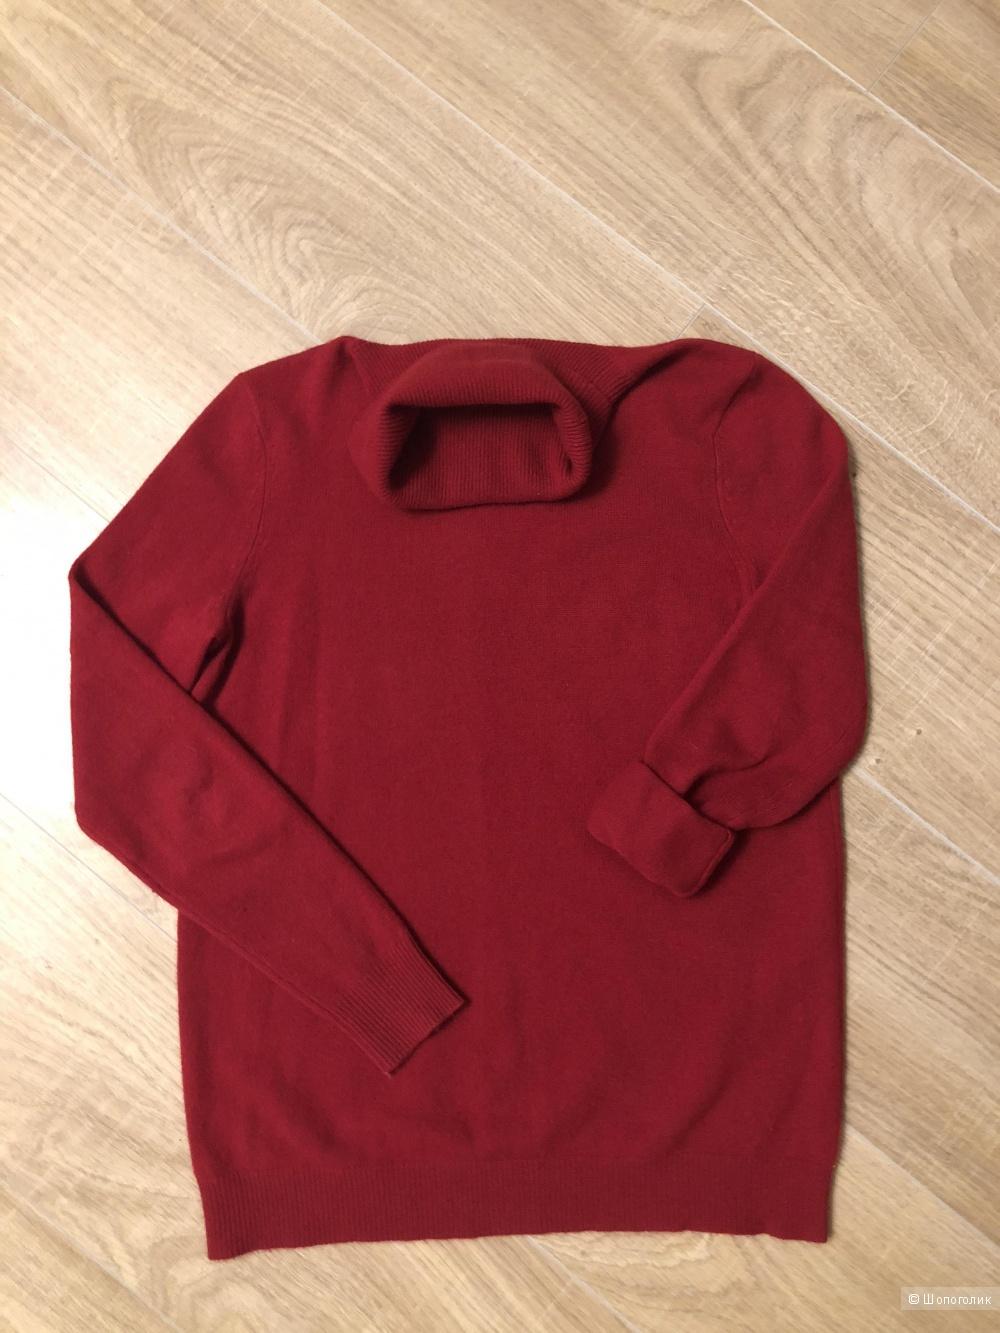 Кашемировый свитер Bloomingdales размер M.